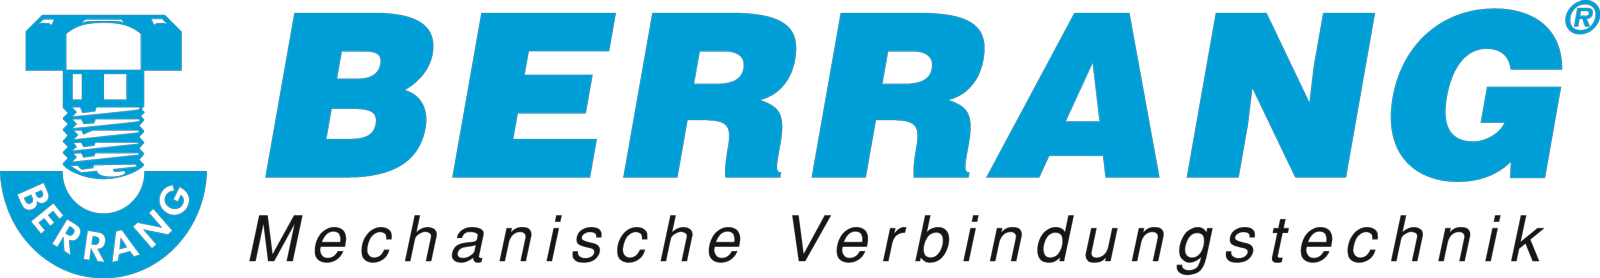 Karl Berrang GmbH